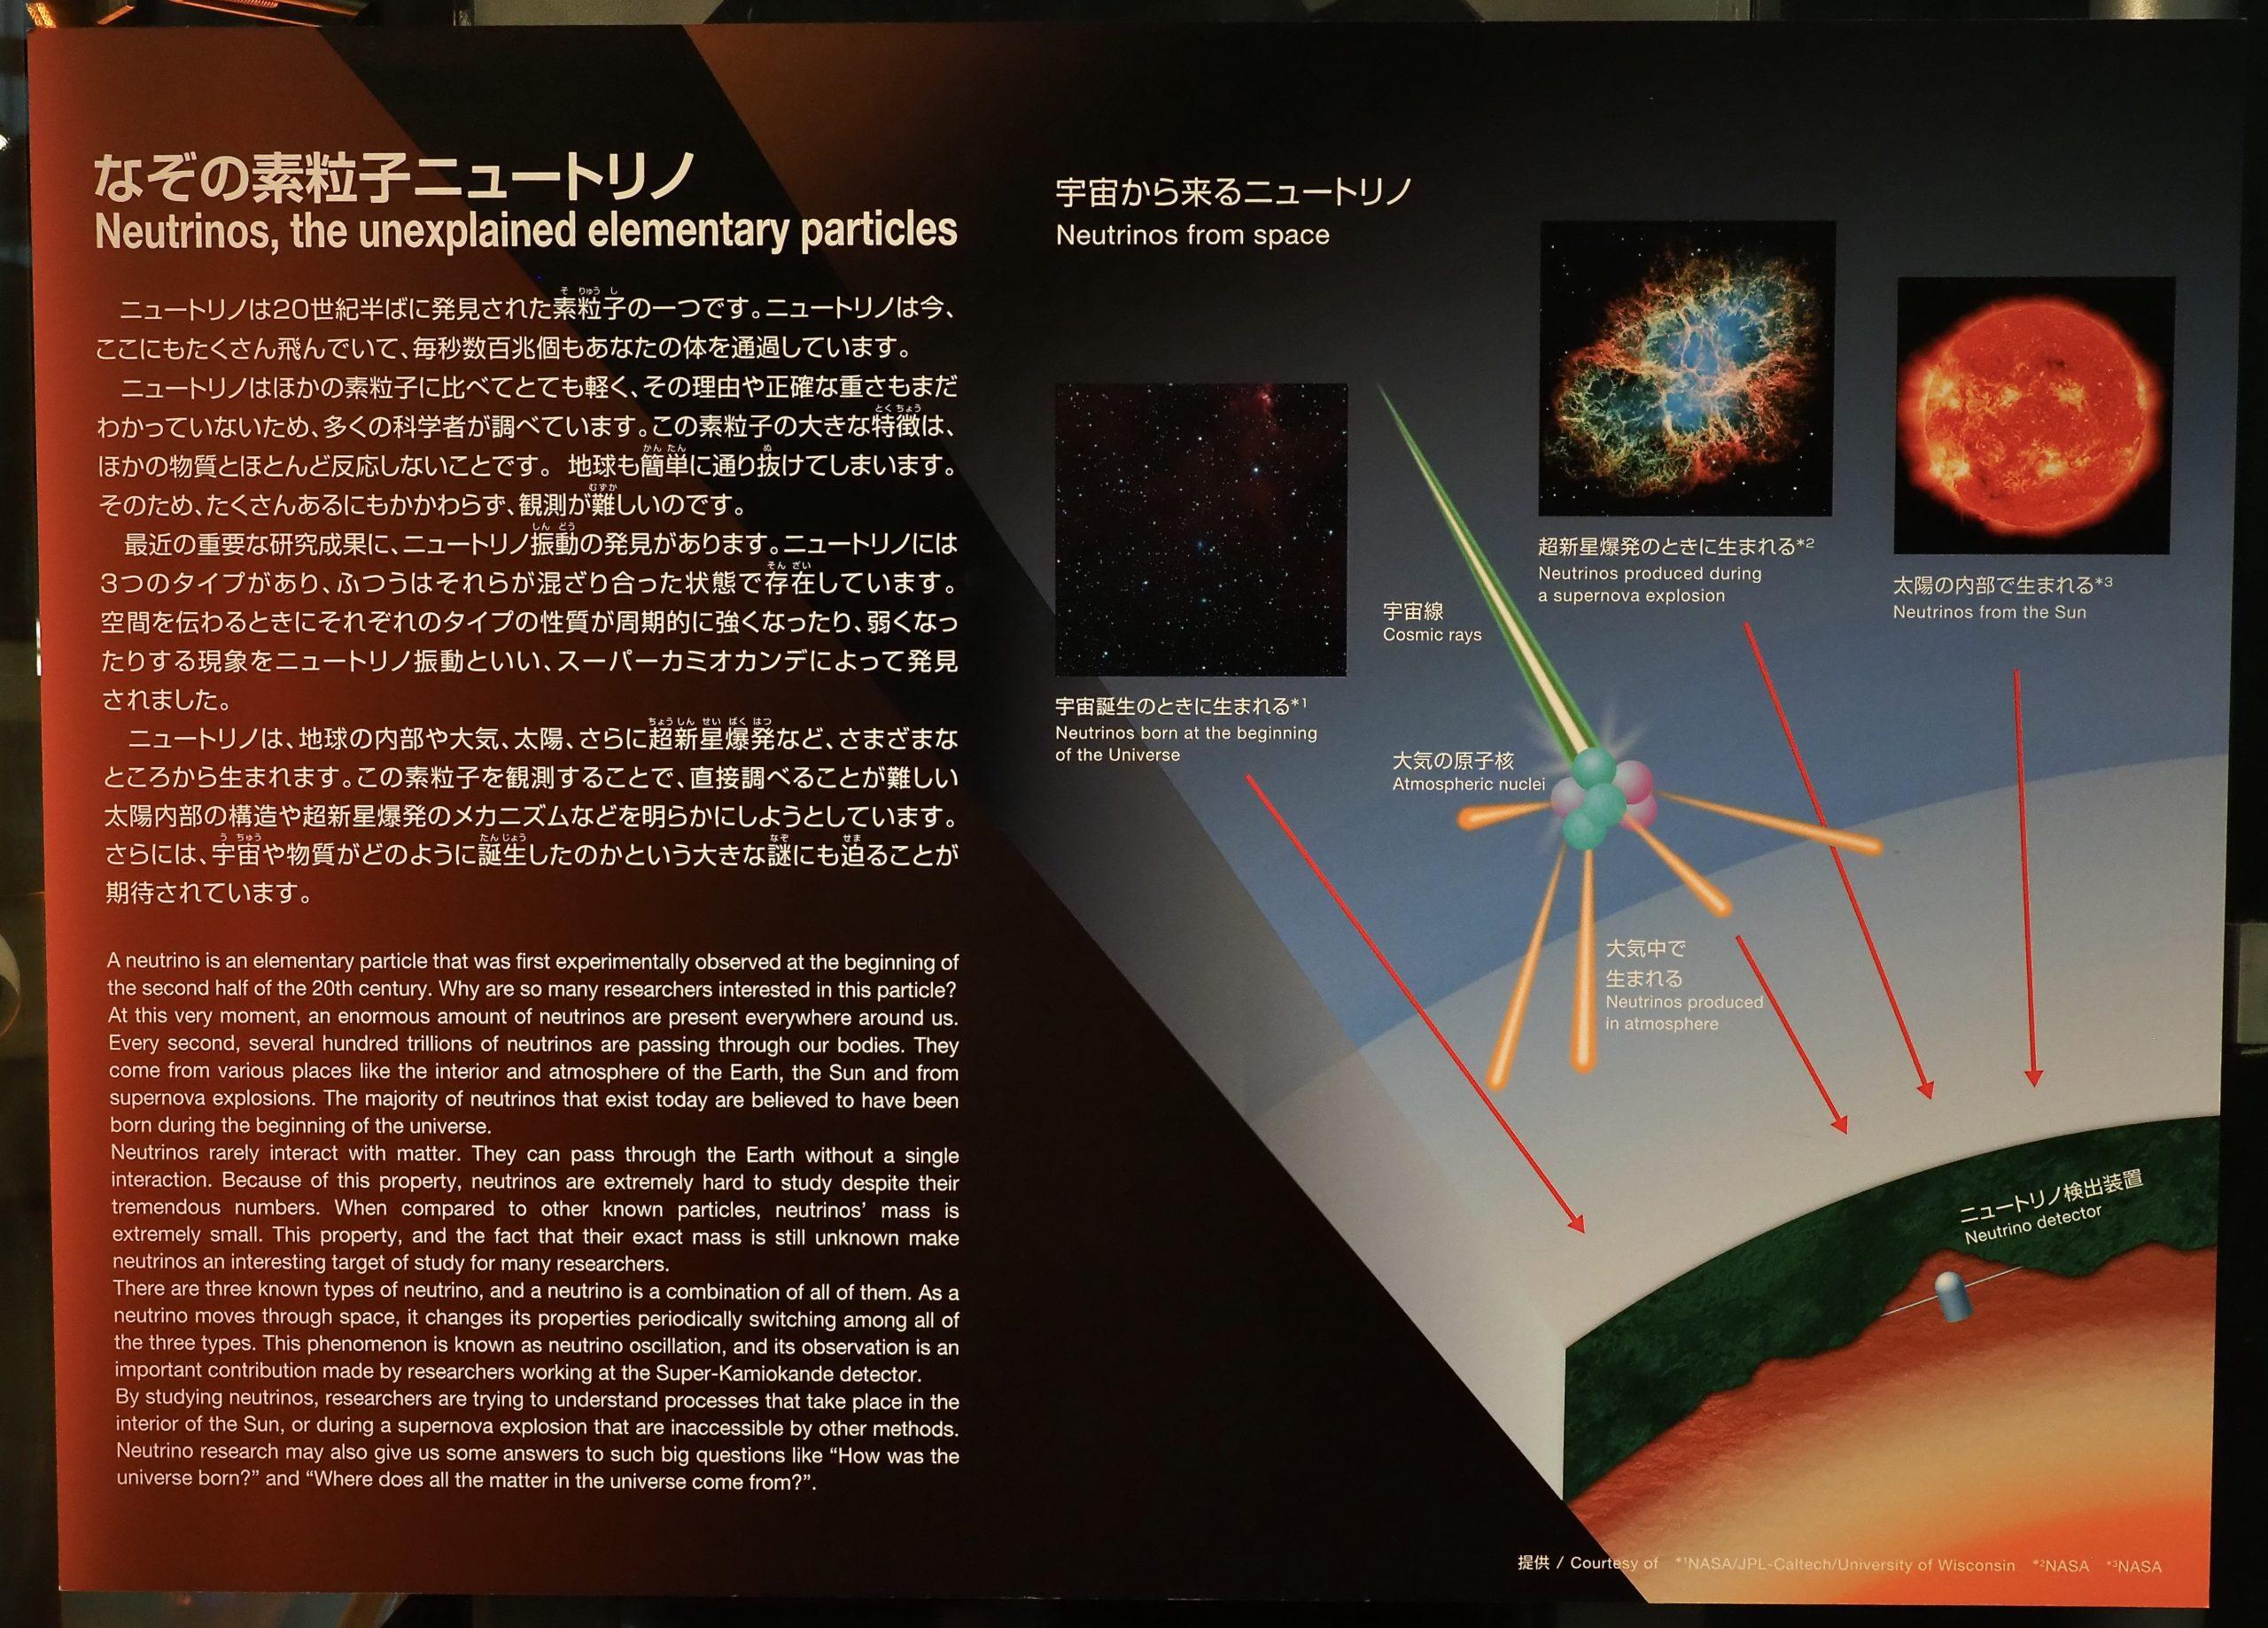 東京都 日本科学未来館